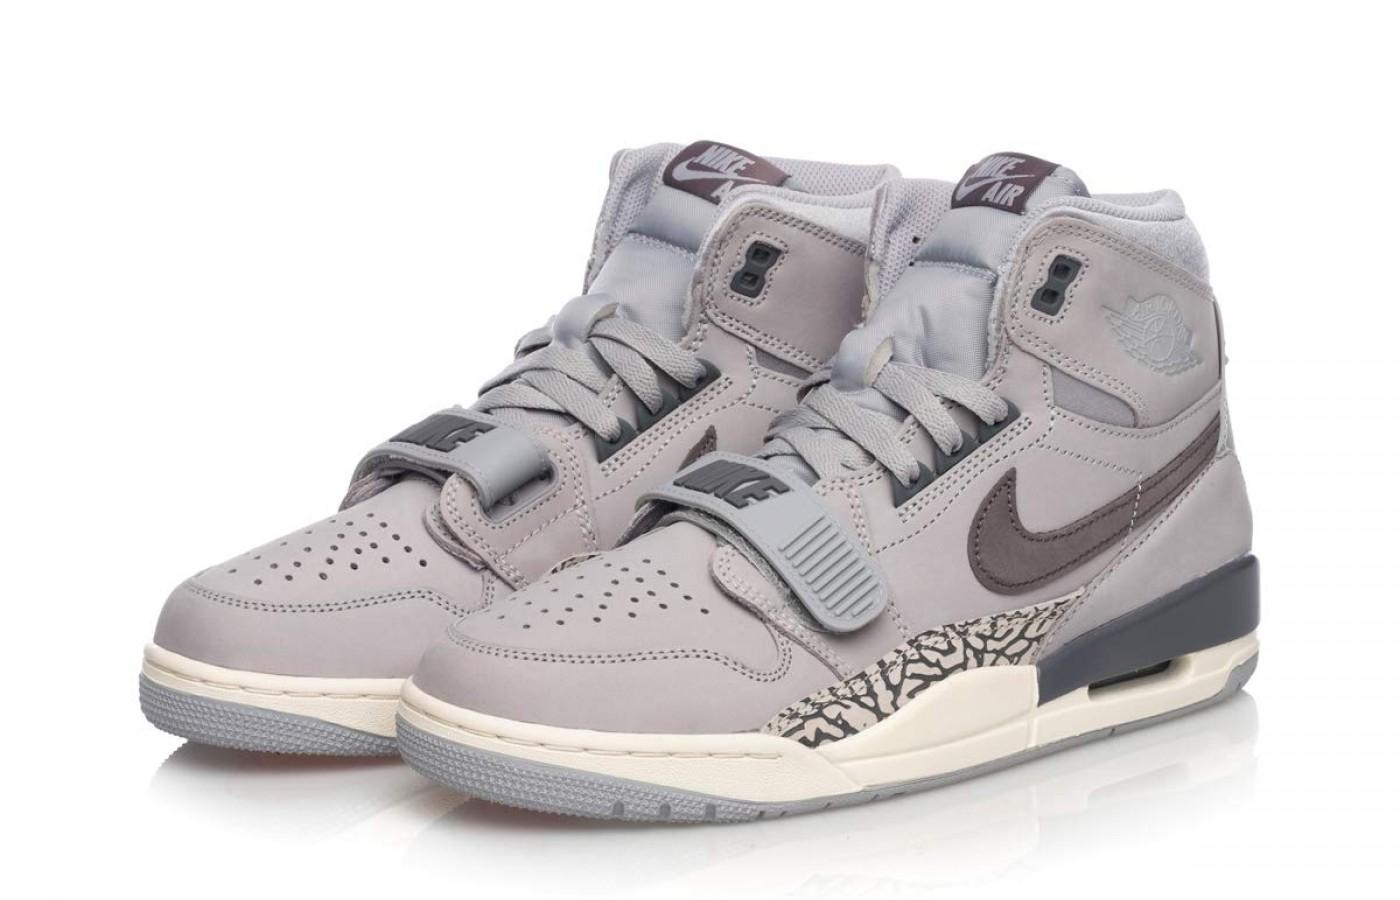 Jordan Nike Air Legacy 312 pair